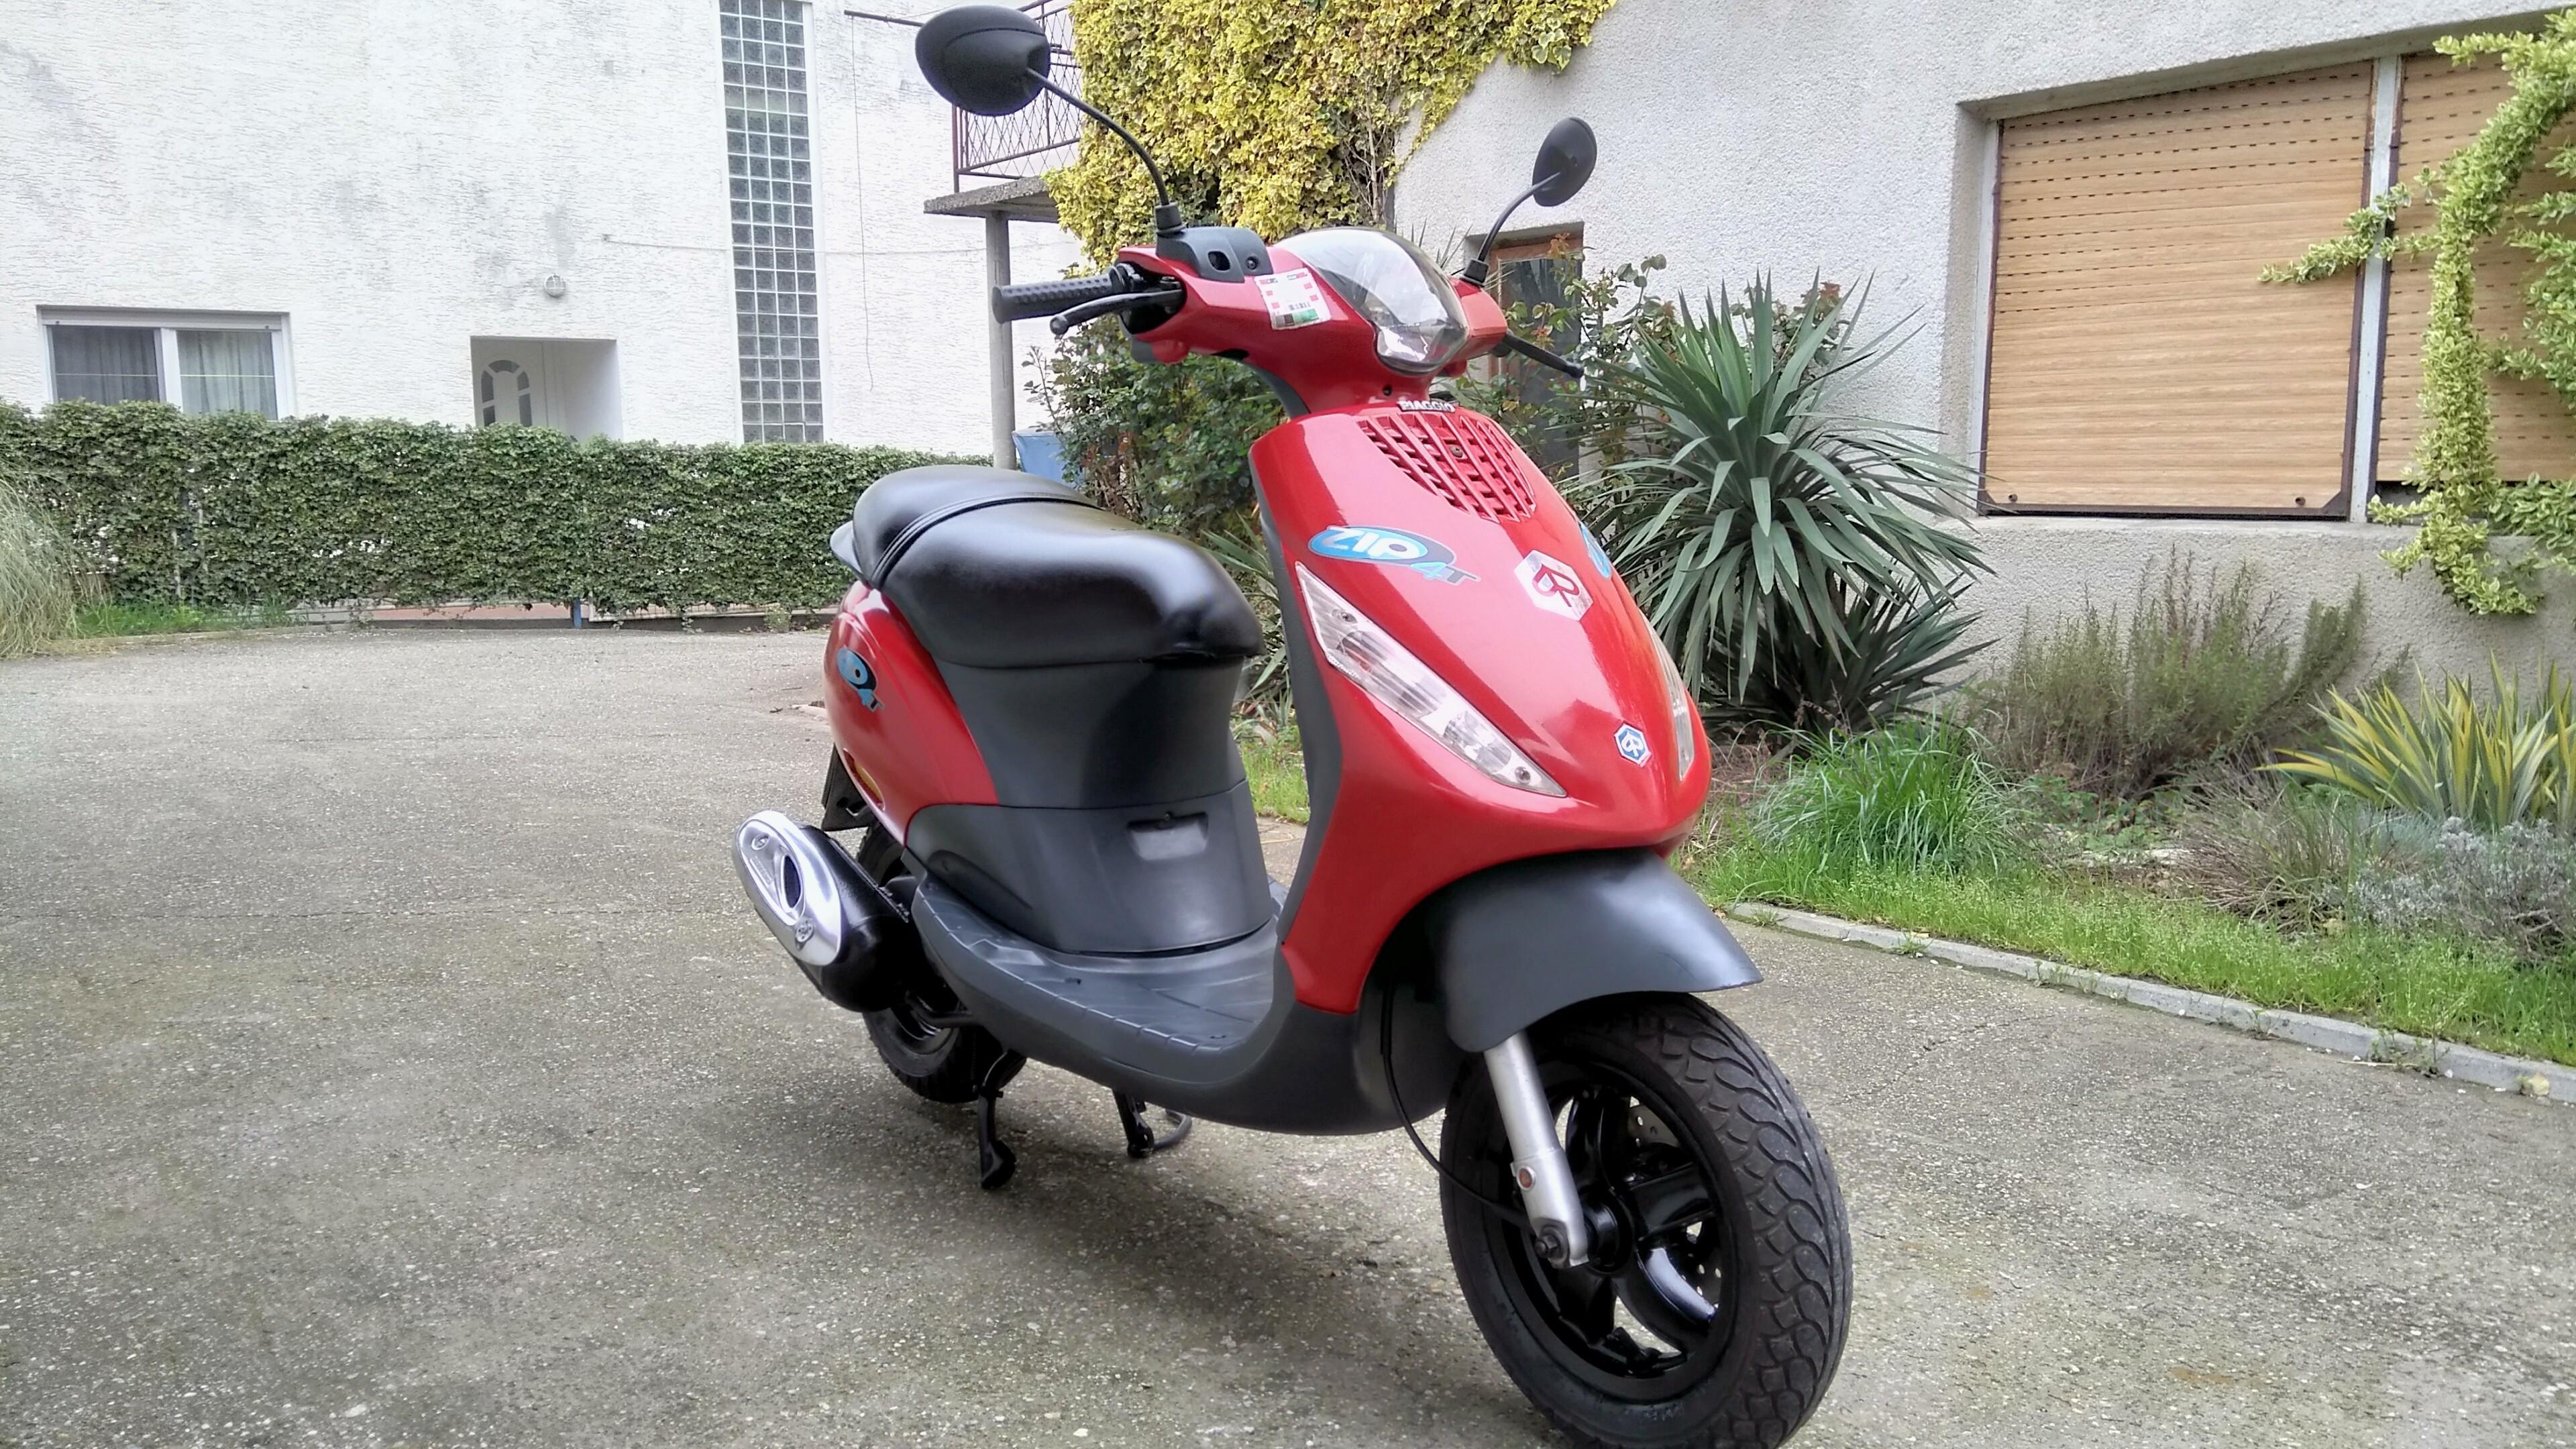 Piaggio Zip 50 4T, mod. '09., reg. 4/20. g., novi,može na kredit kartice!